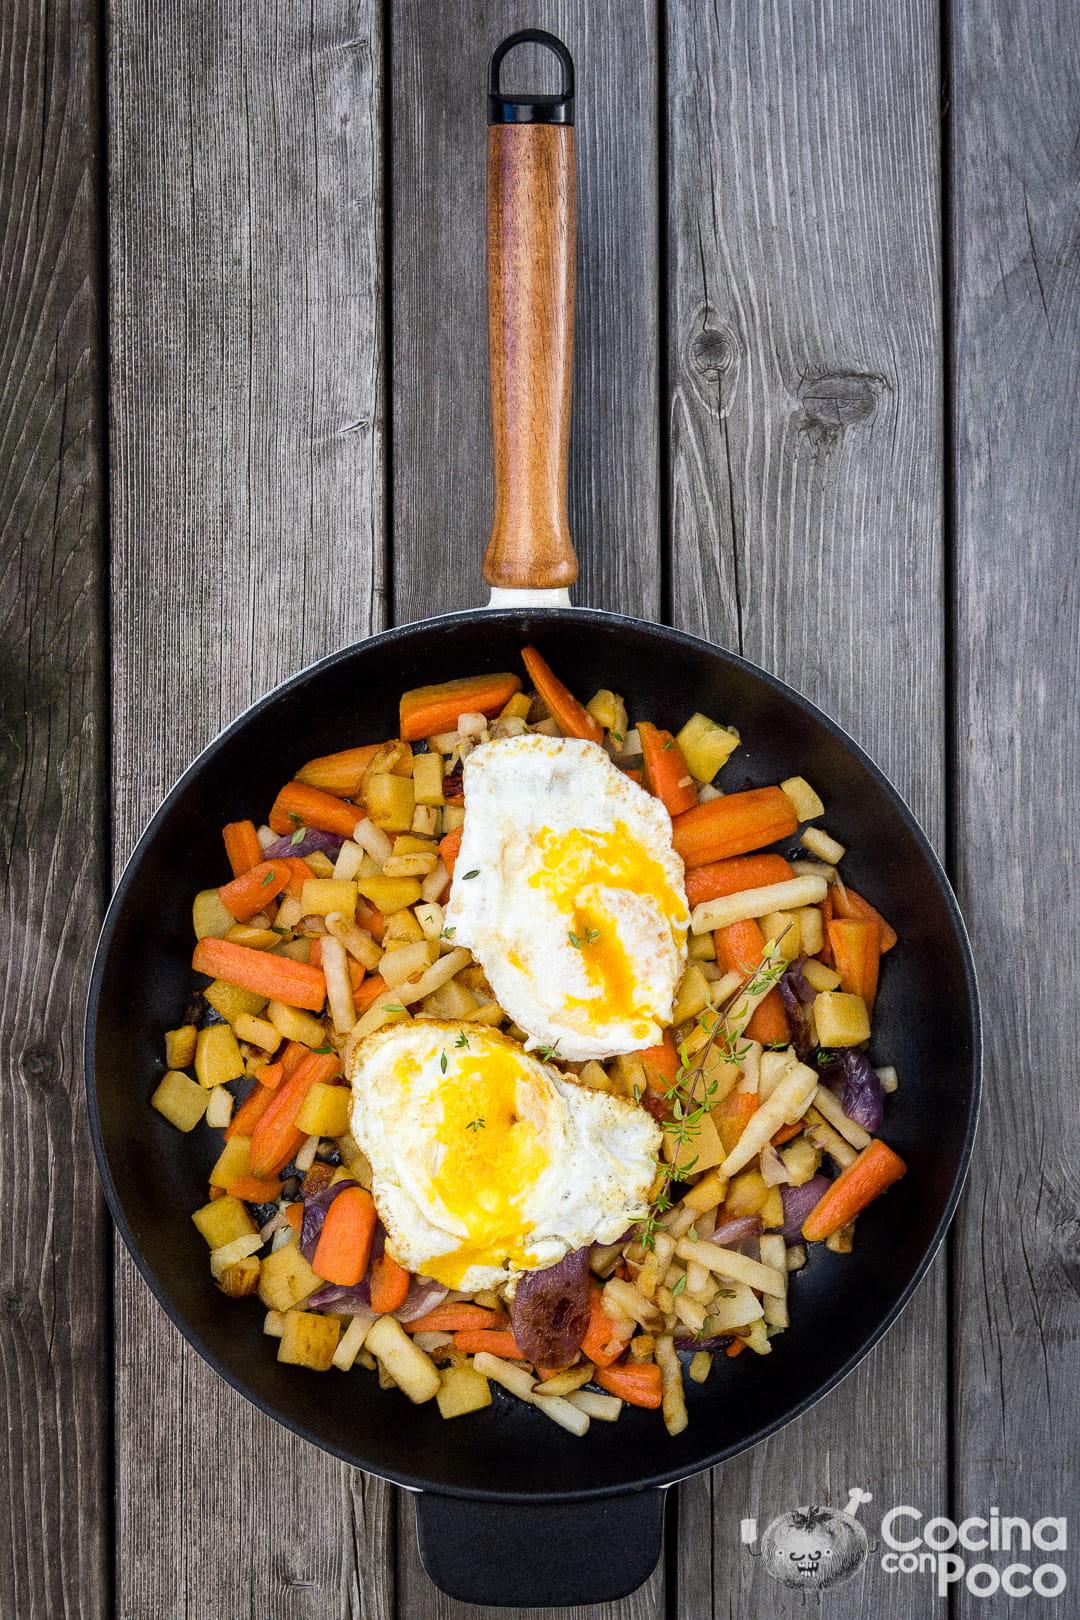 Huevos rotos con zanahoria, apionabo, colinabo y chalotas - versionando la receta clásica de Casa Lucio